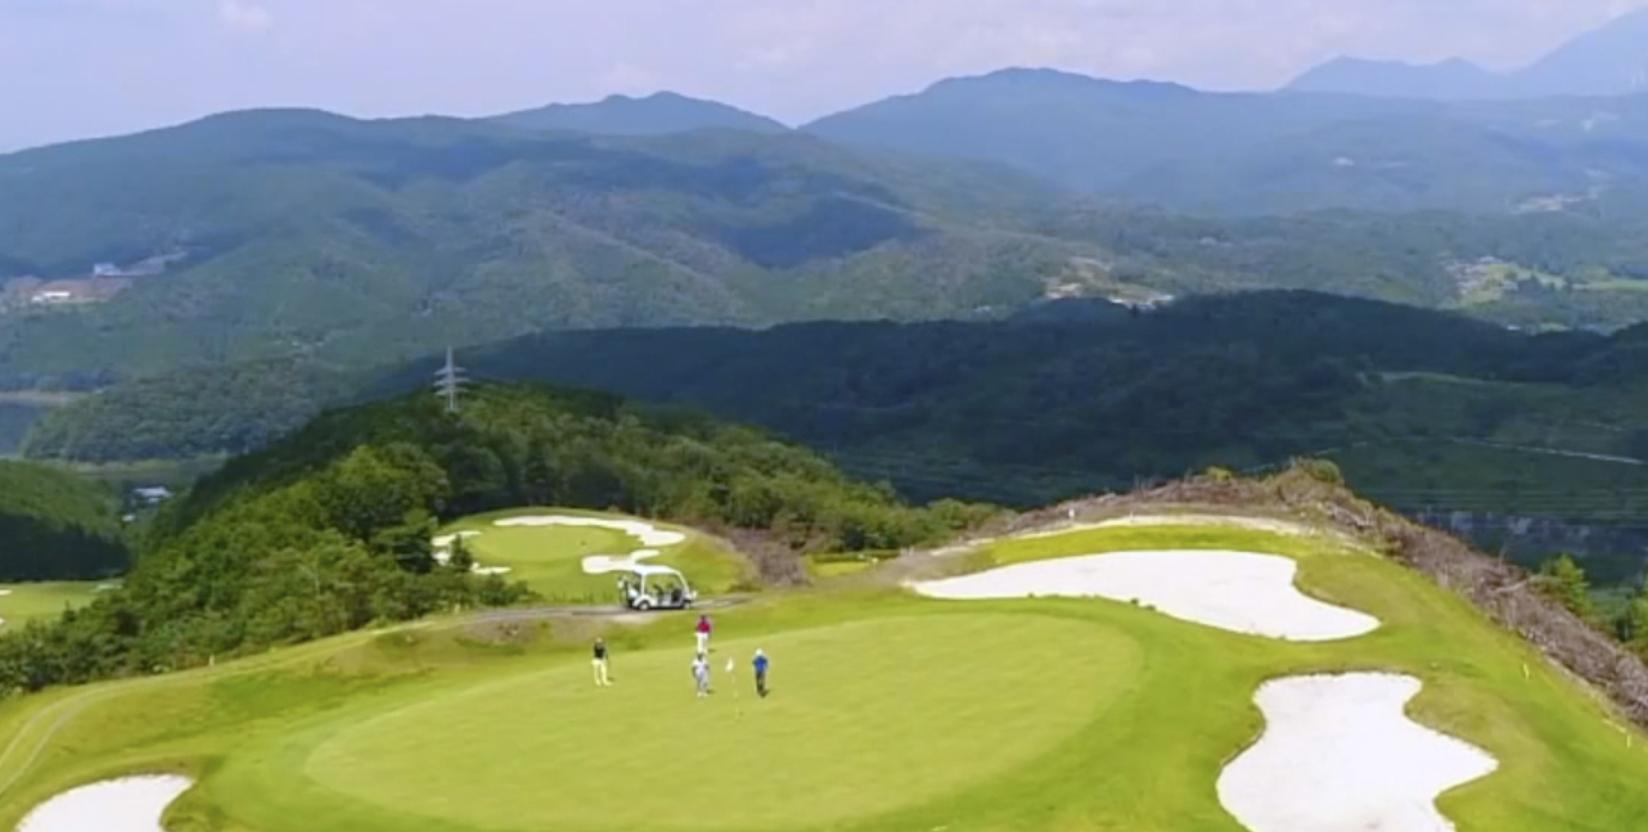 リンゴルフオープン主催 APP BANK様に動画を作成頂きました。